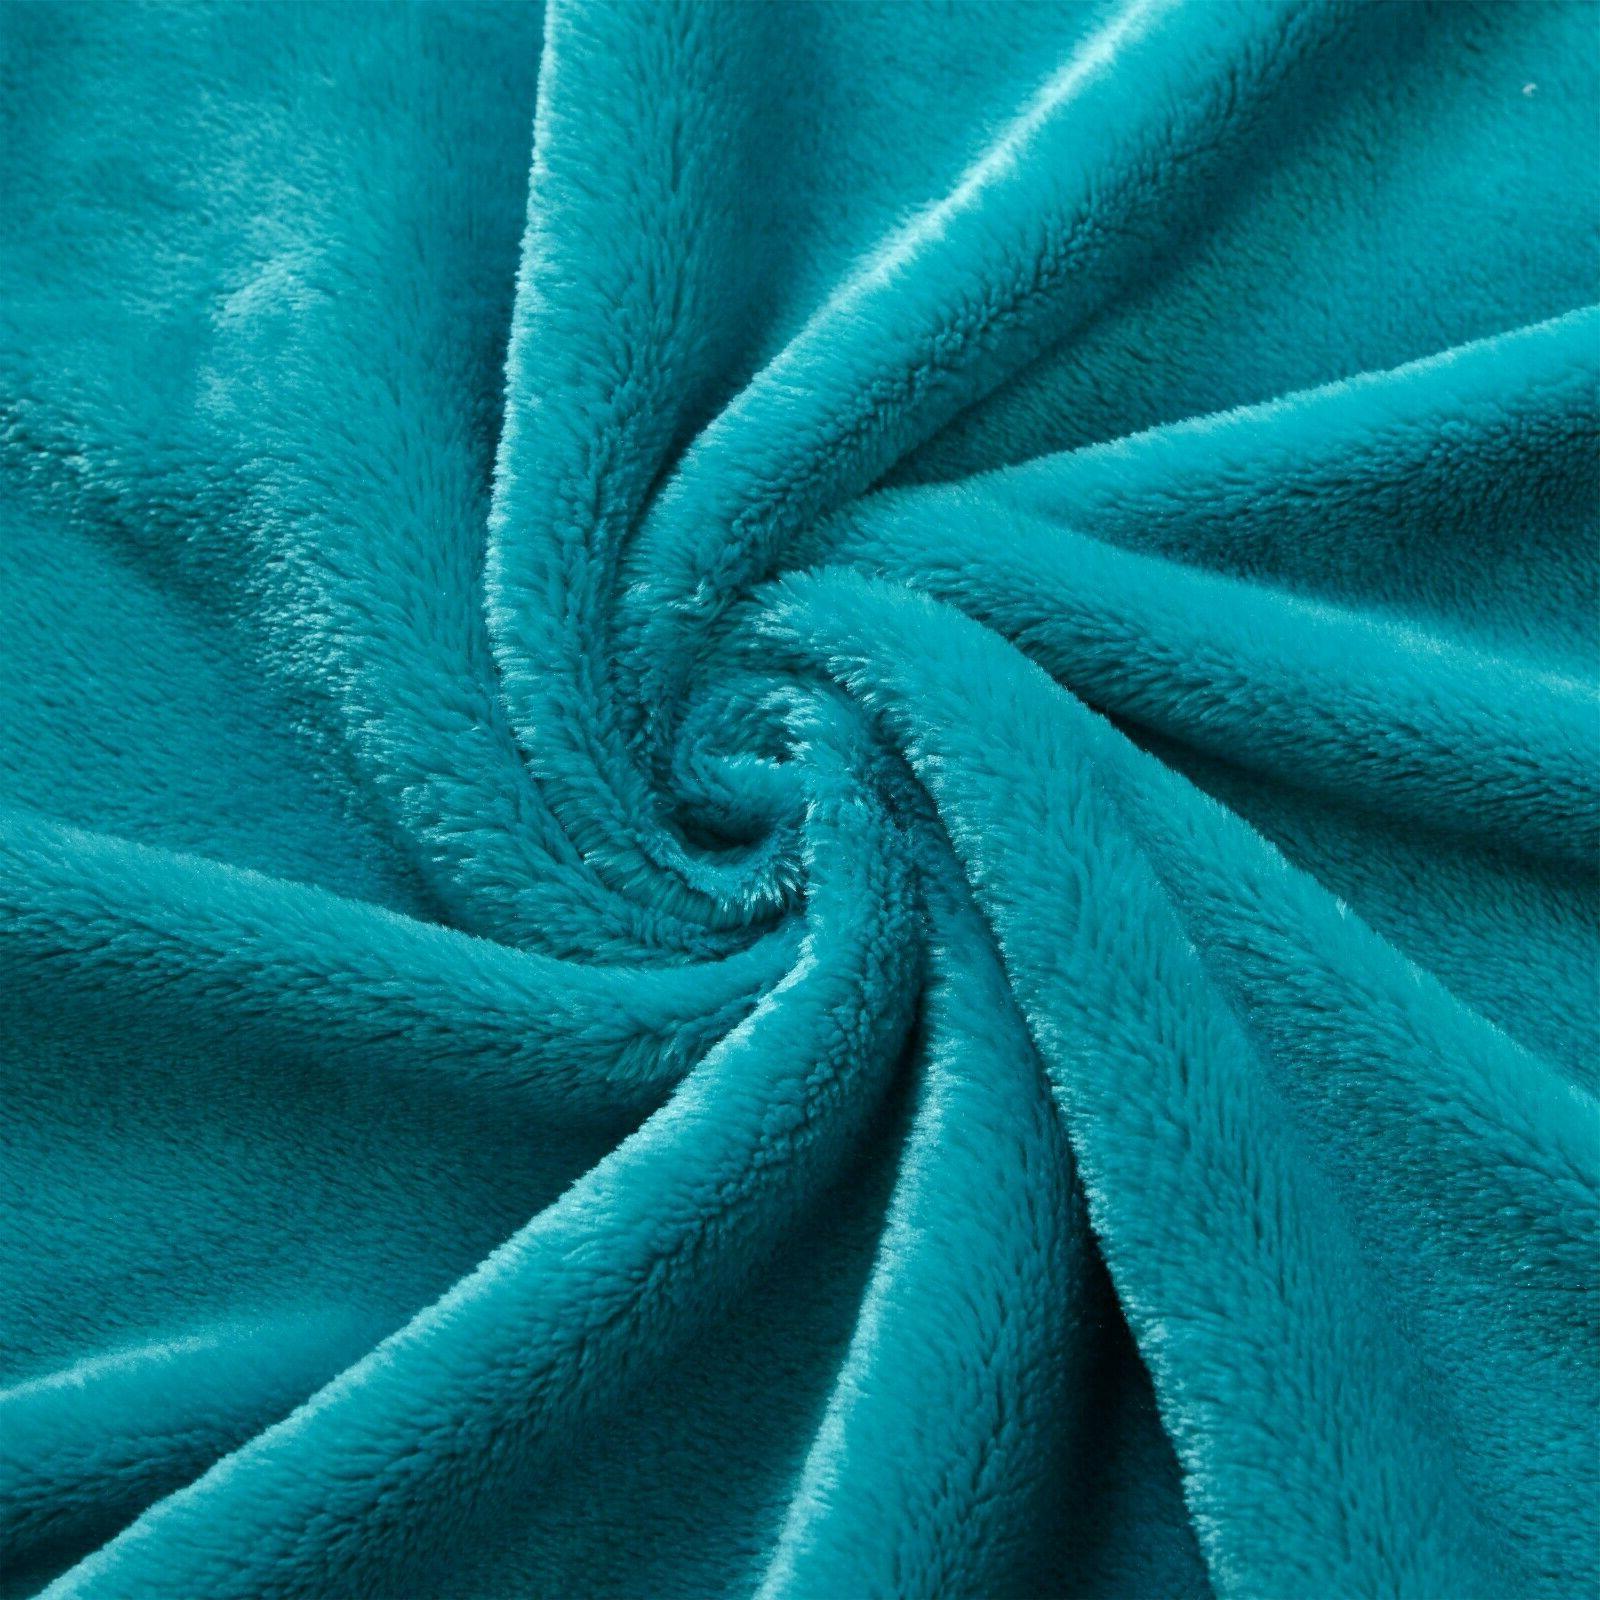 Sumptuous Winter Blanket Soft Colors